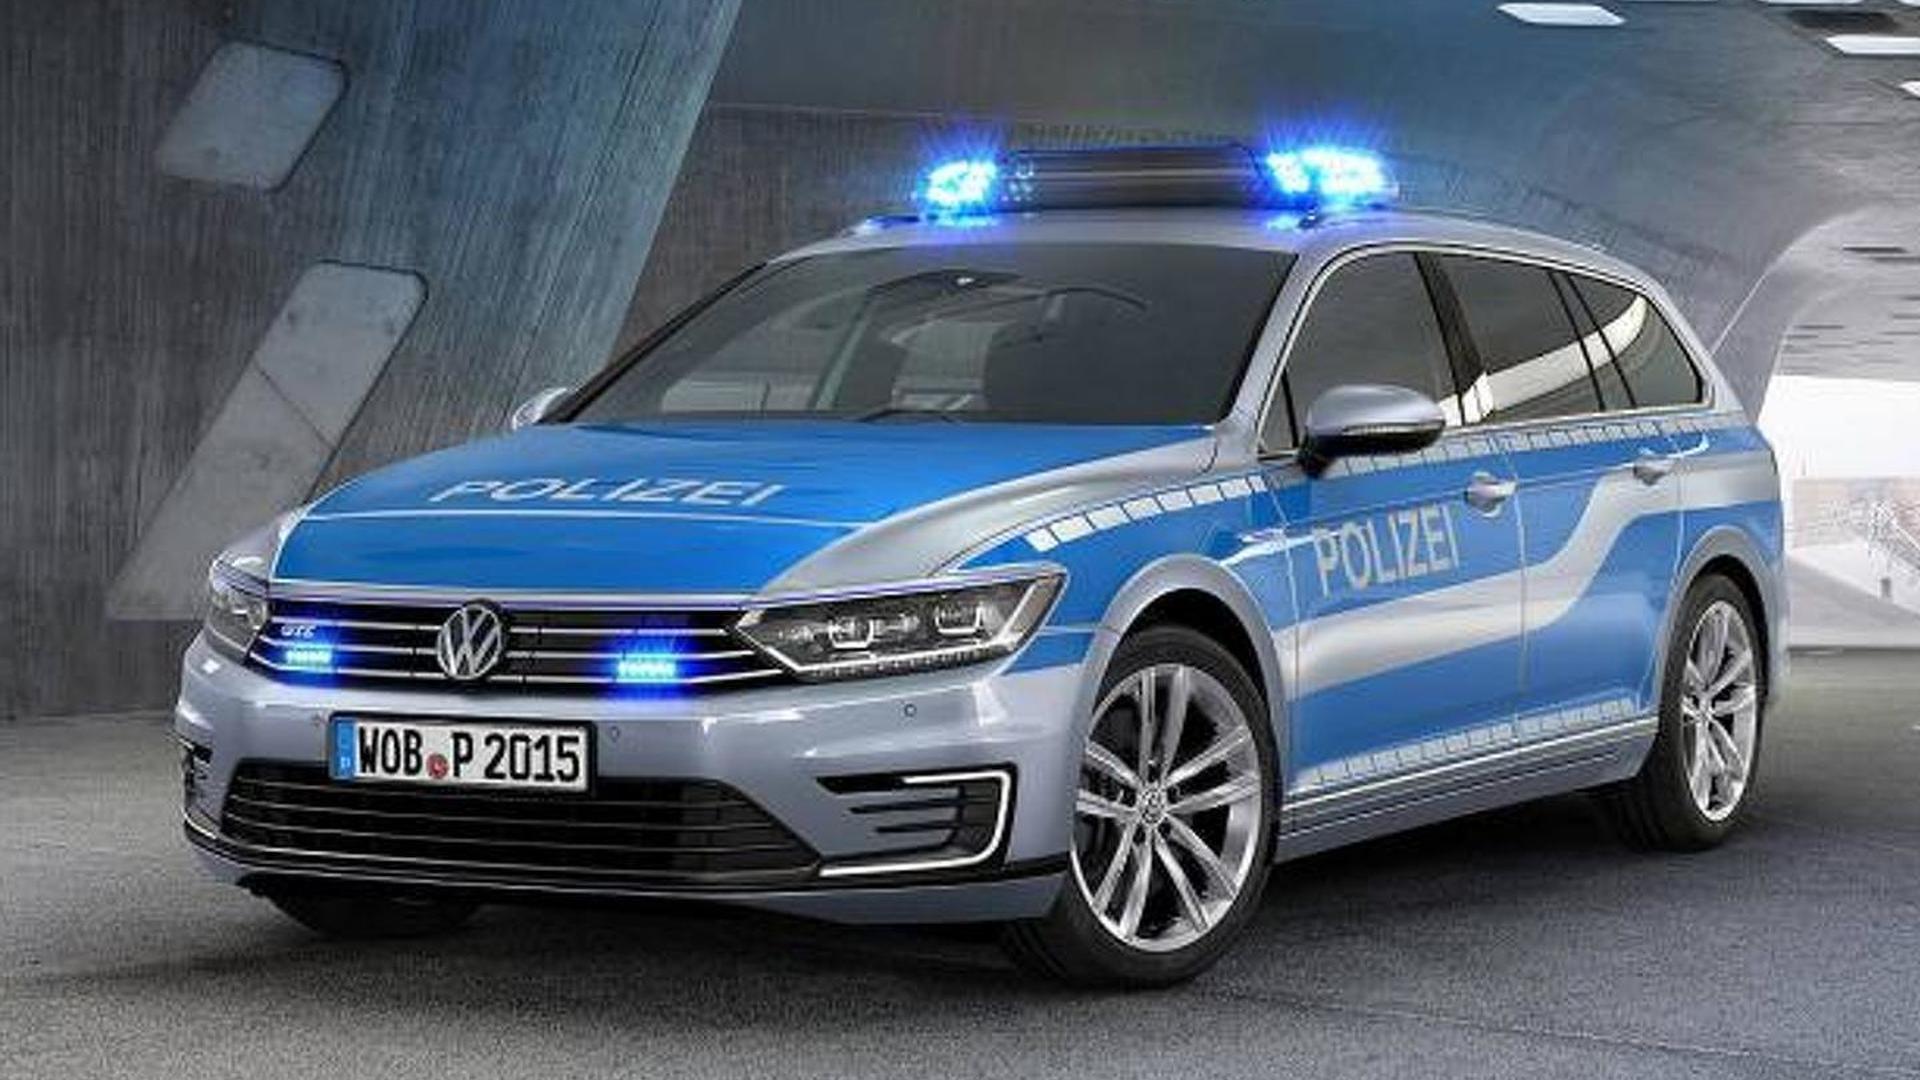 Полицейский Volkswagen Passat GTE